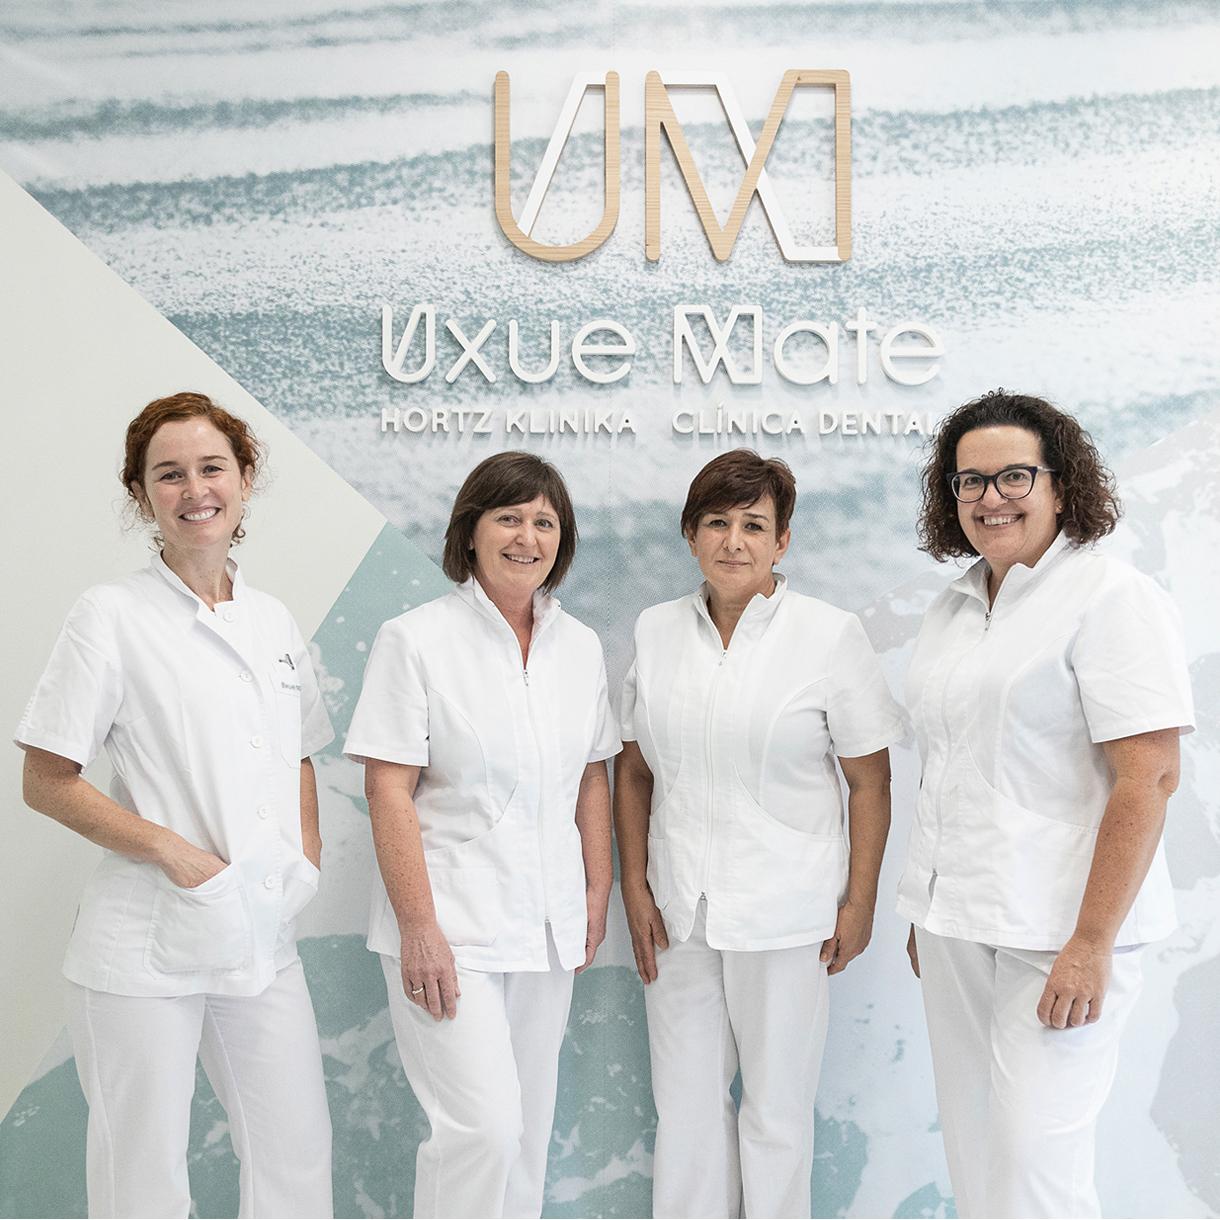 Clínica Dental Uxue Mate, sesión de fotos